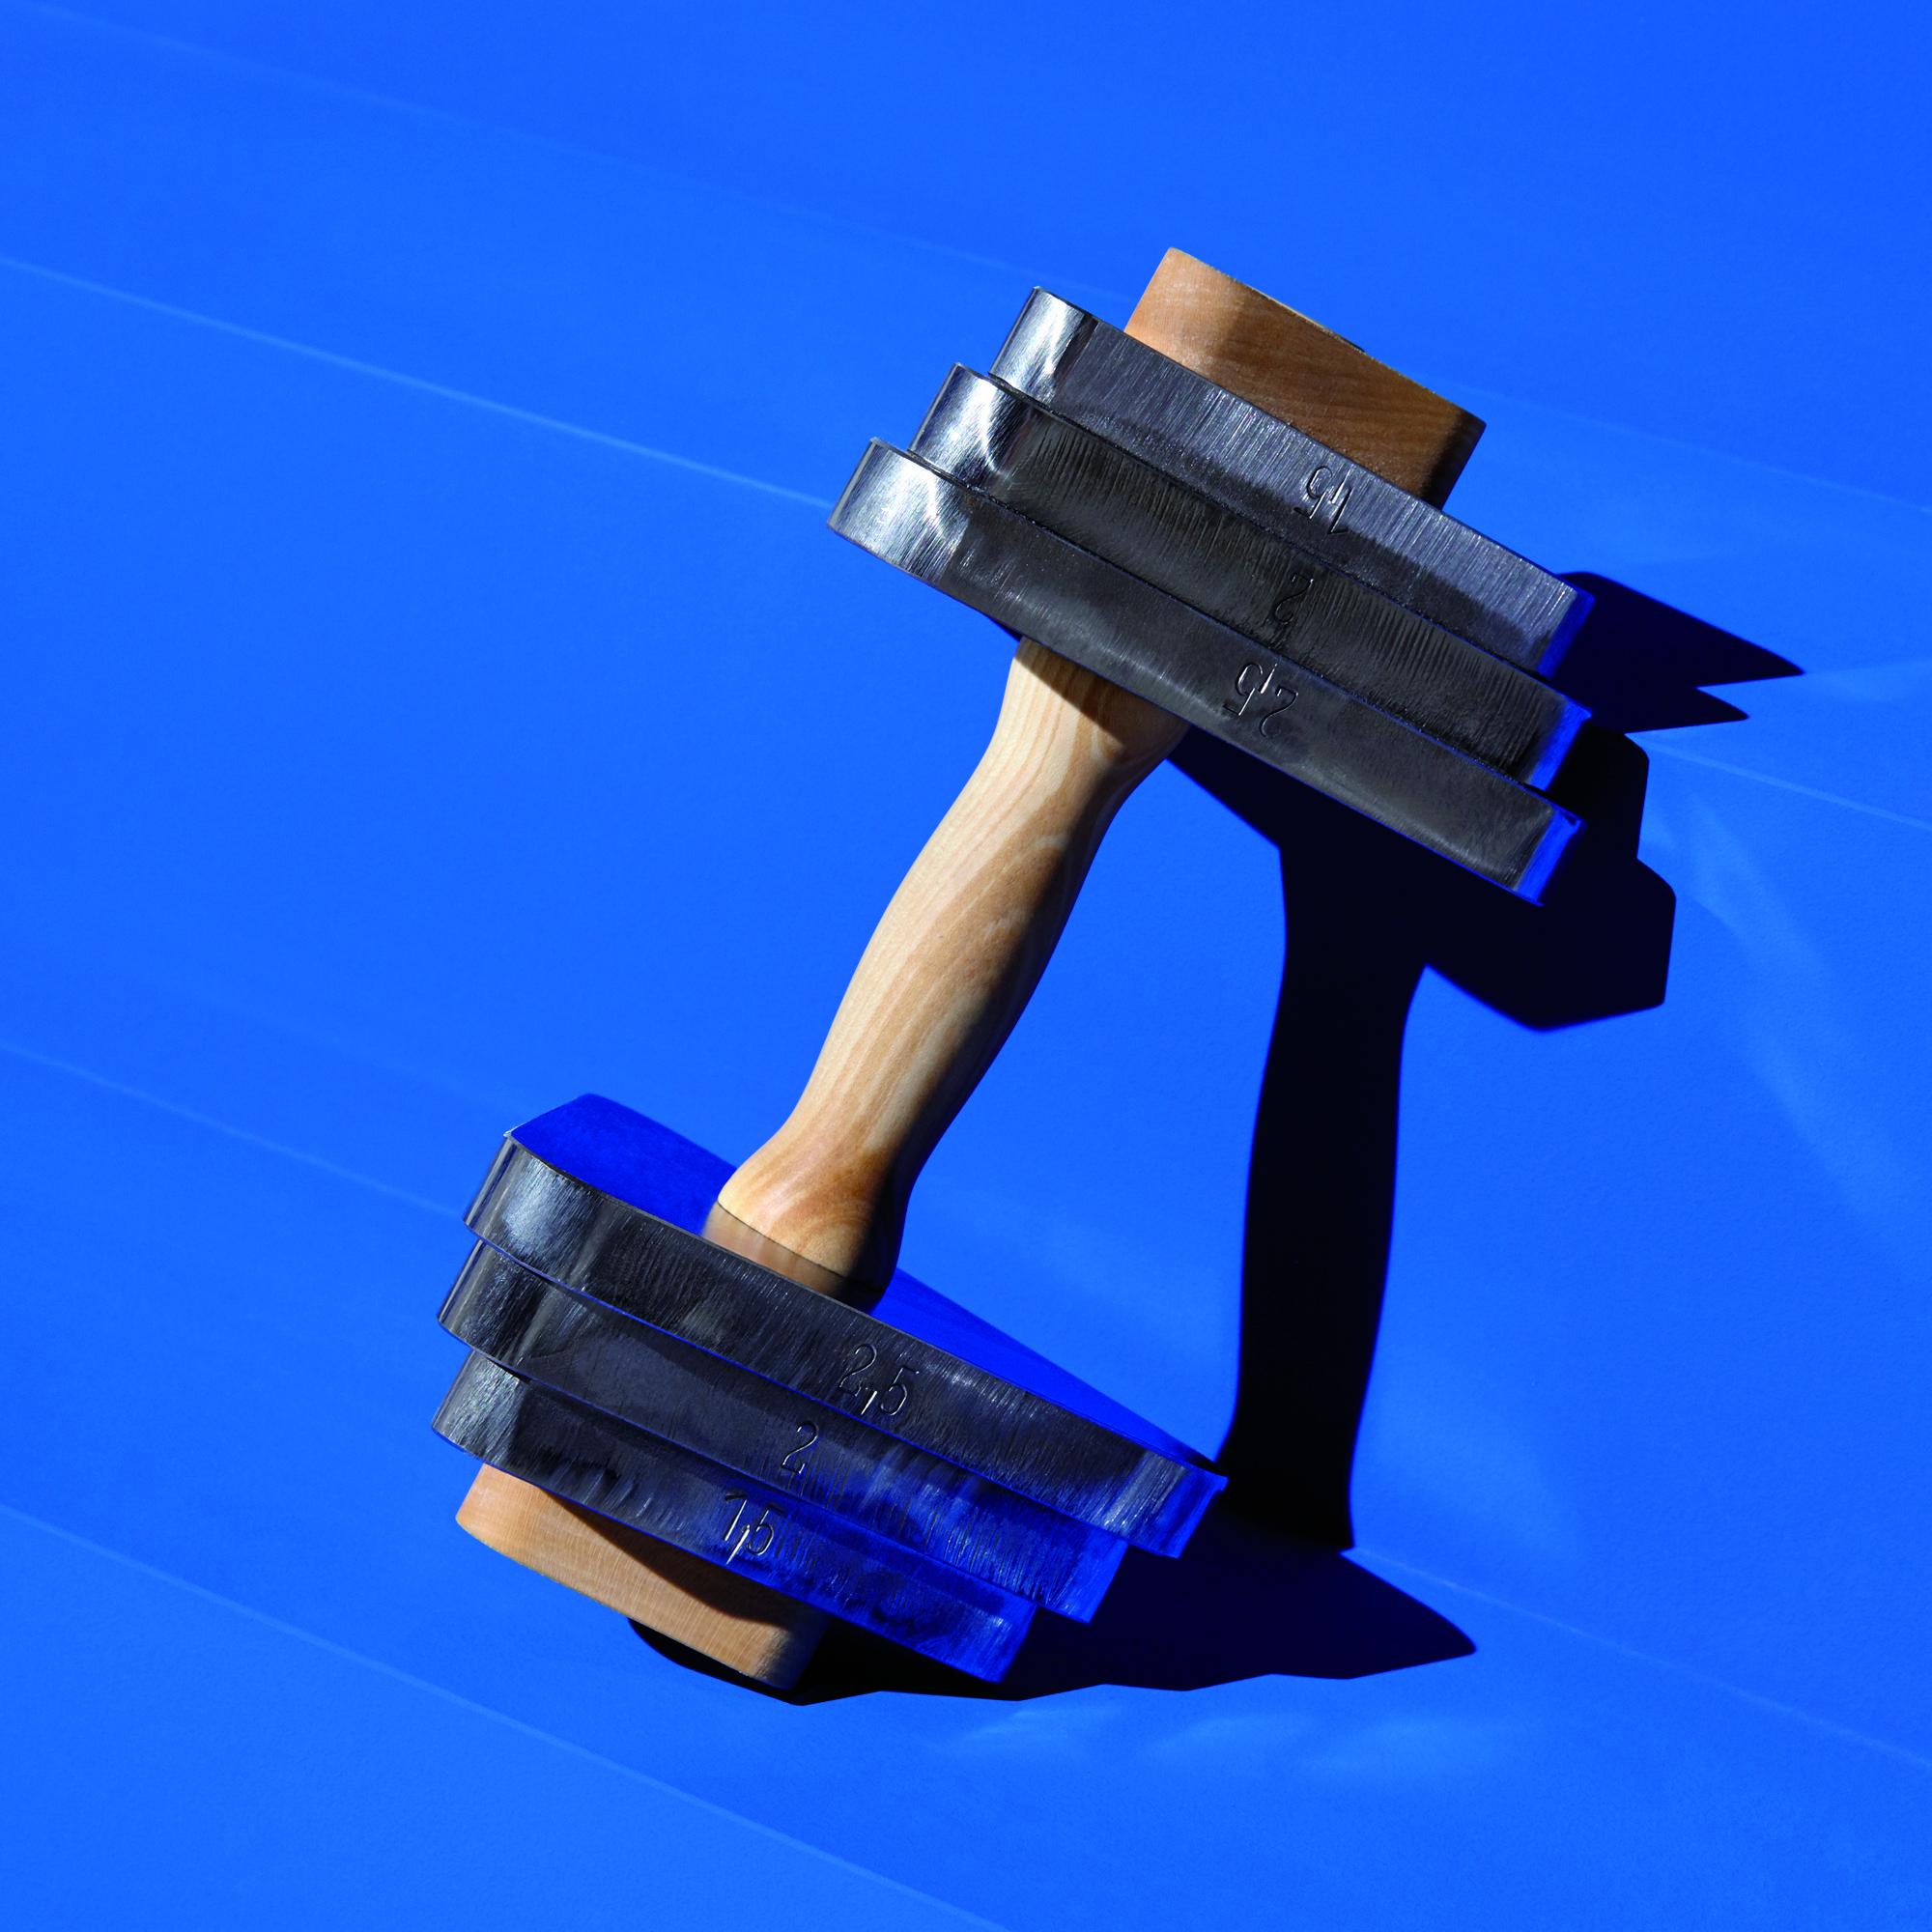 TrimmDich Hantel vor blau